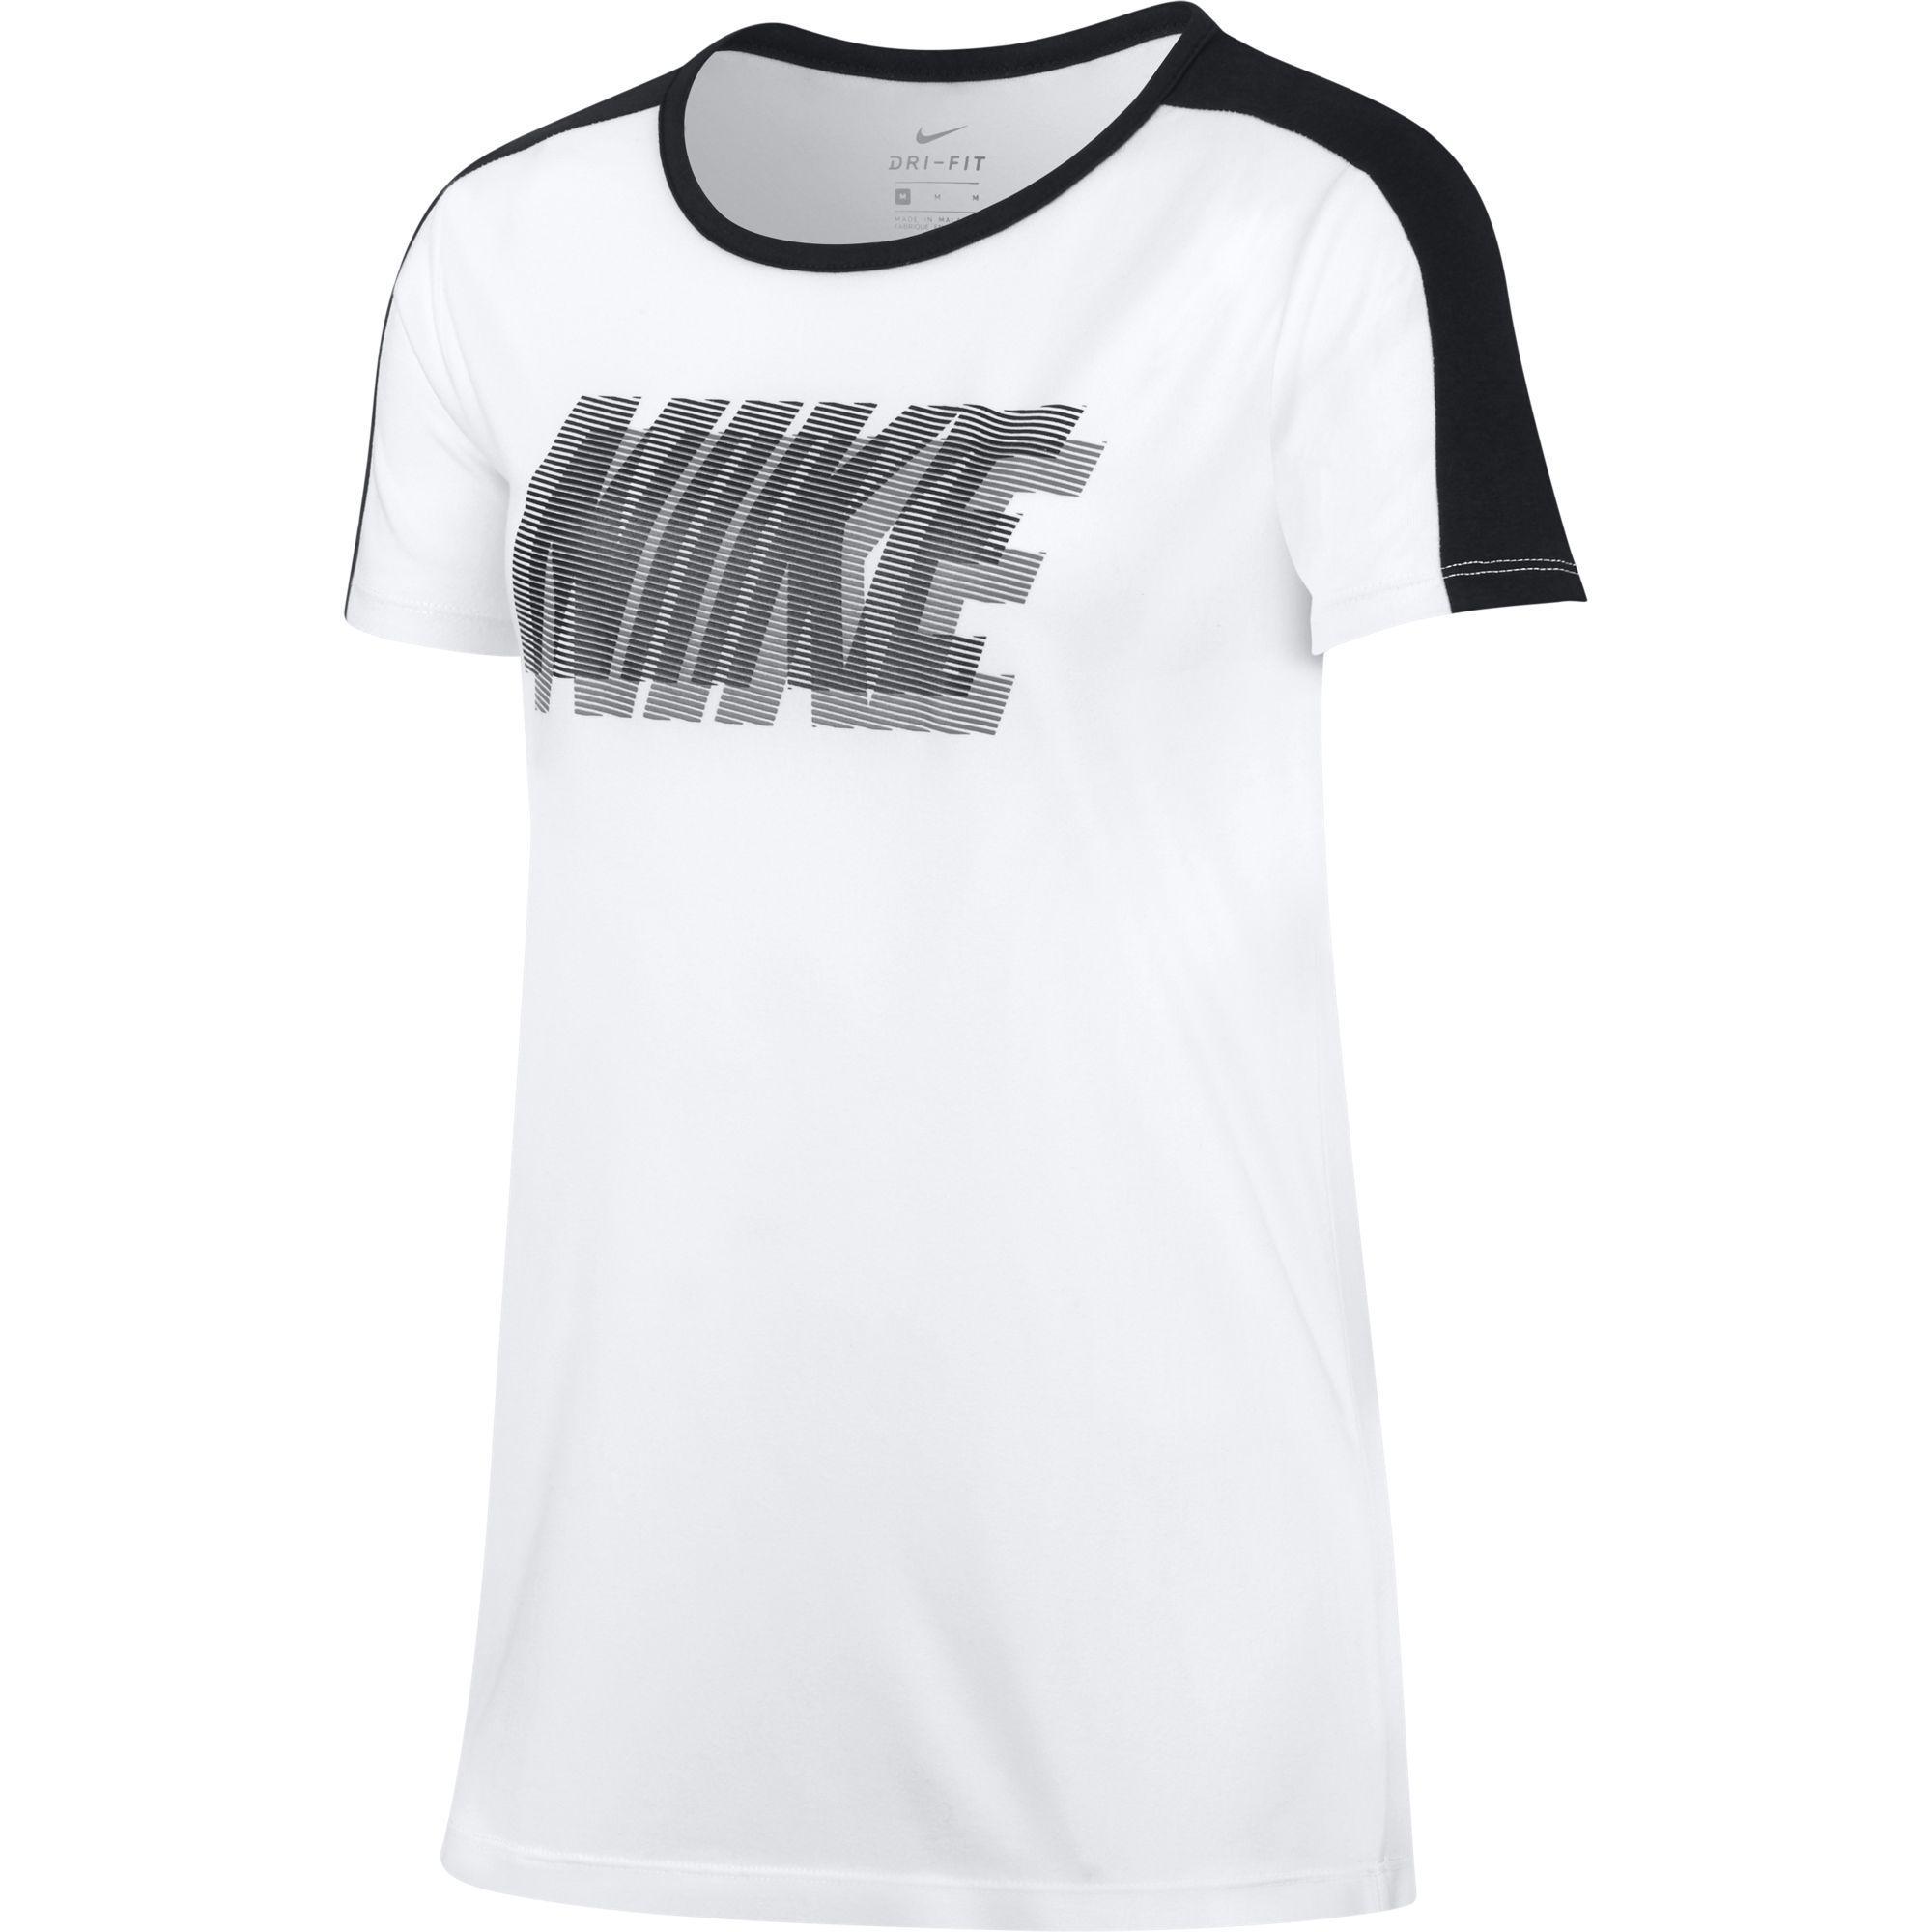 Nike Girls Dry Training T-Shirt - White/Black - Tennisnuts.com